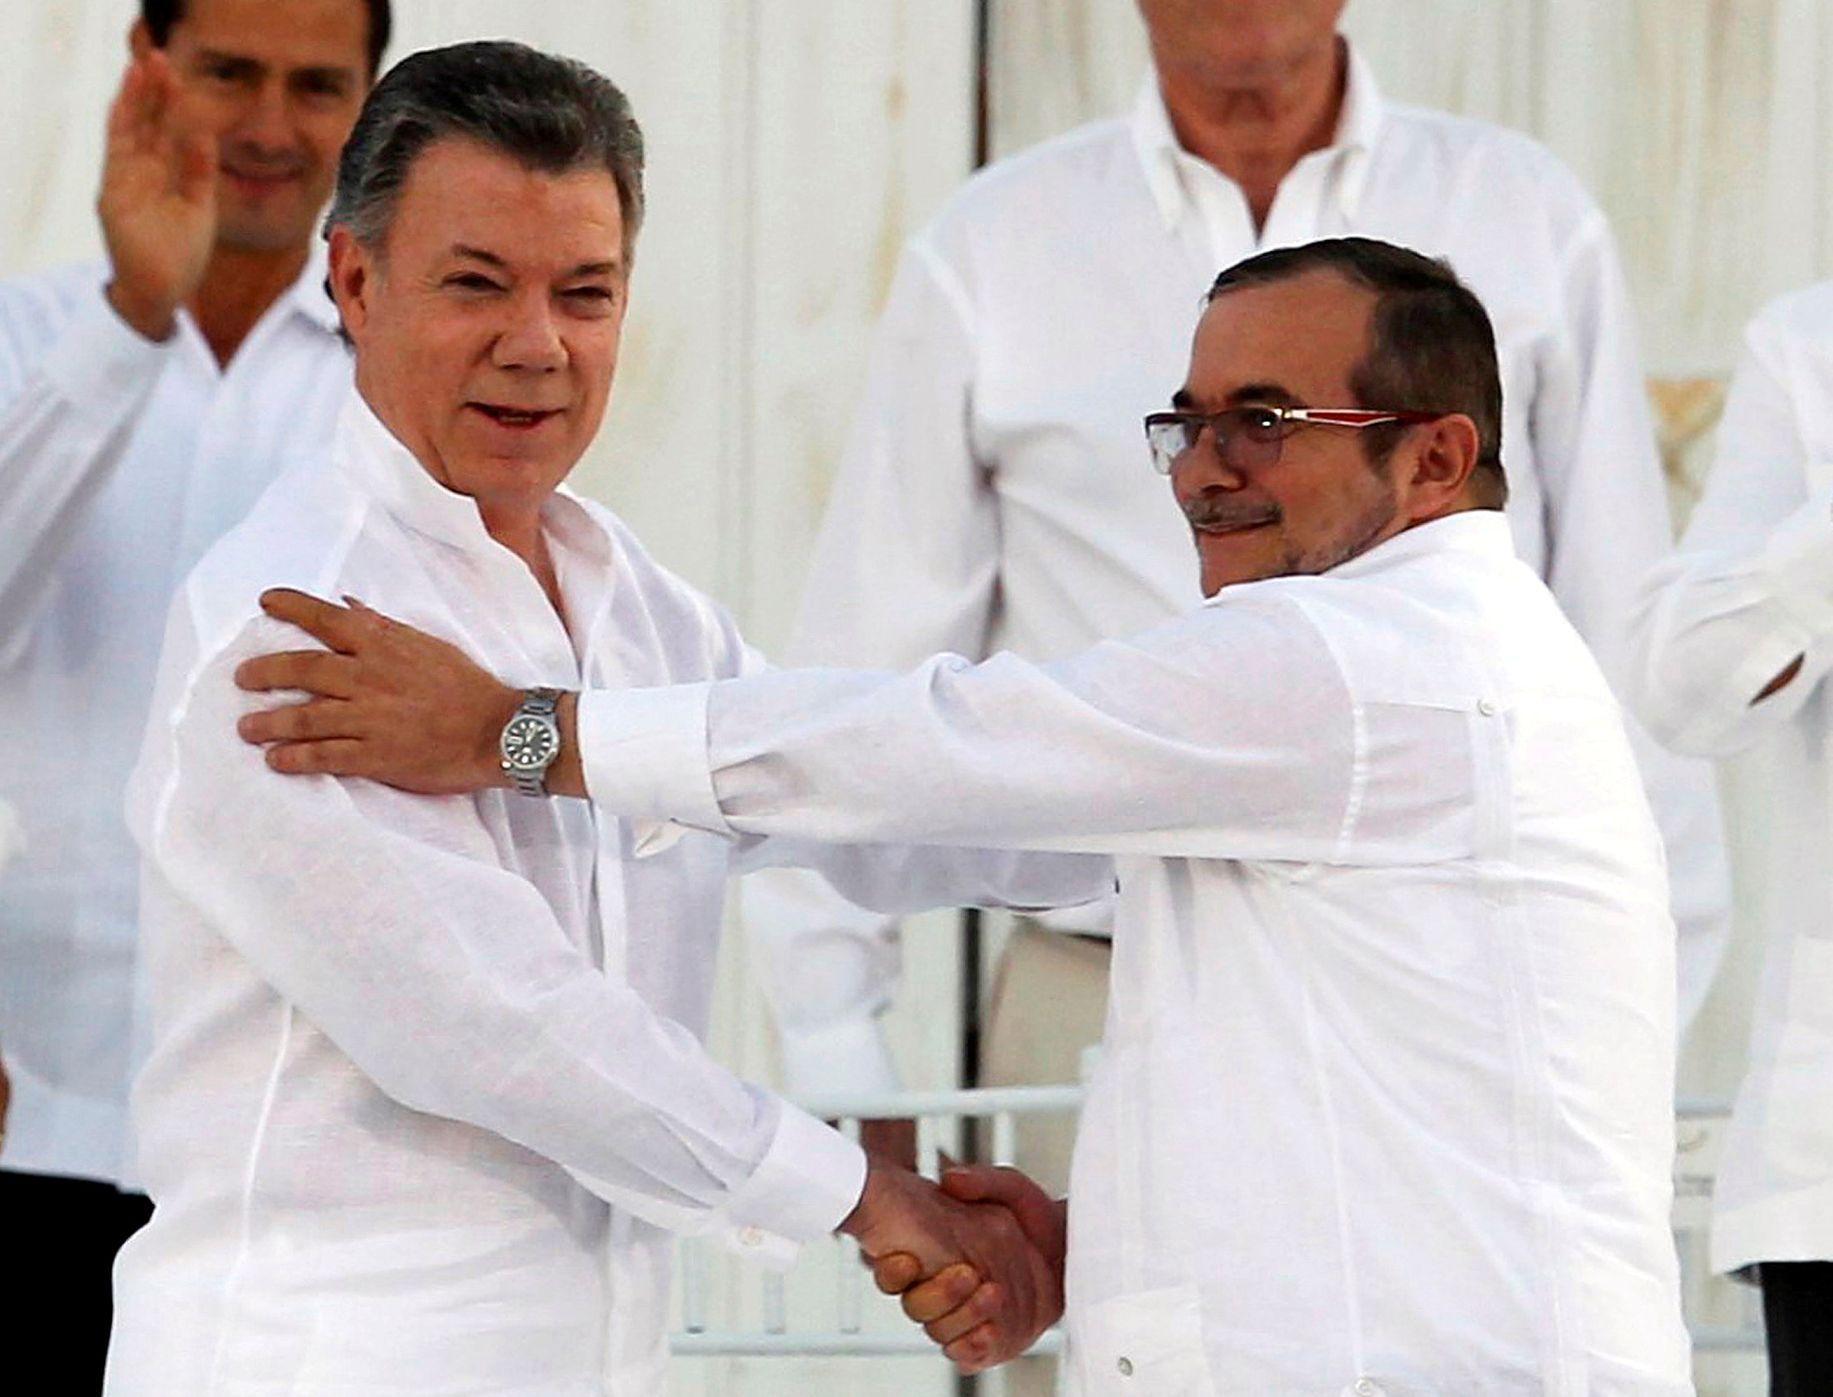 9c9f1fe6944 Kolumbijská vláda jedná s další gerilou. Cesta k míru ale vede přes  plantáže koky - Aktuálně.cz